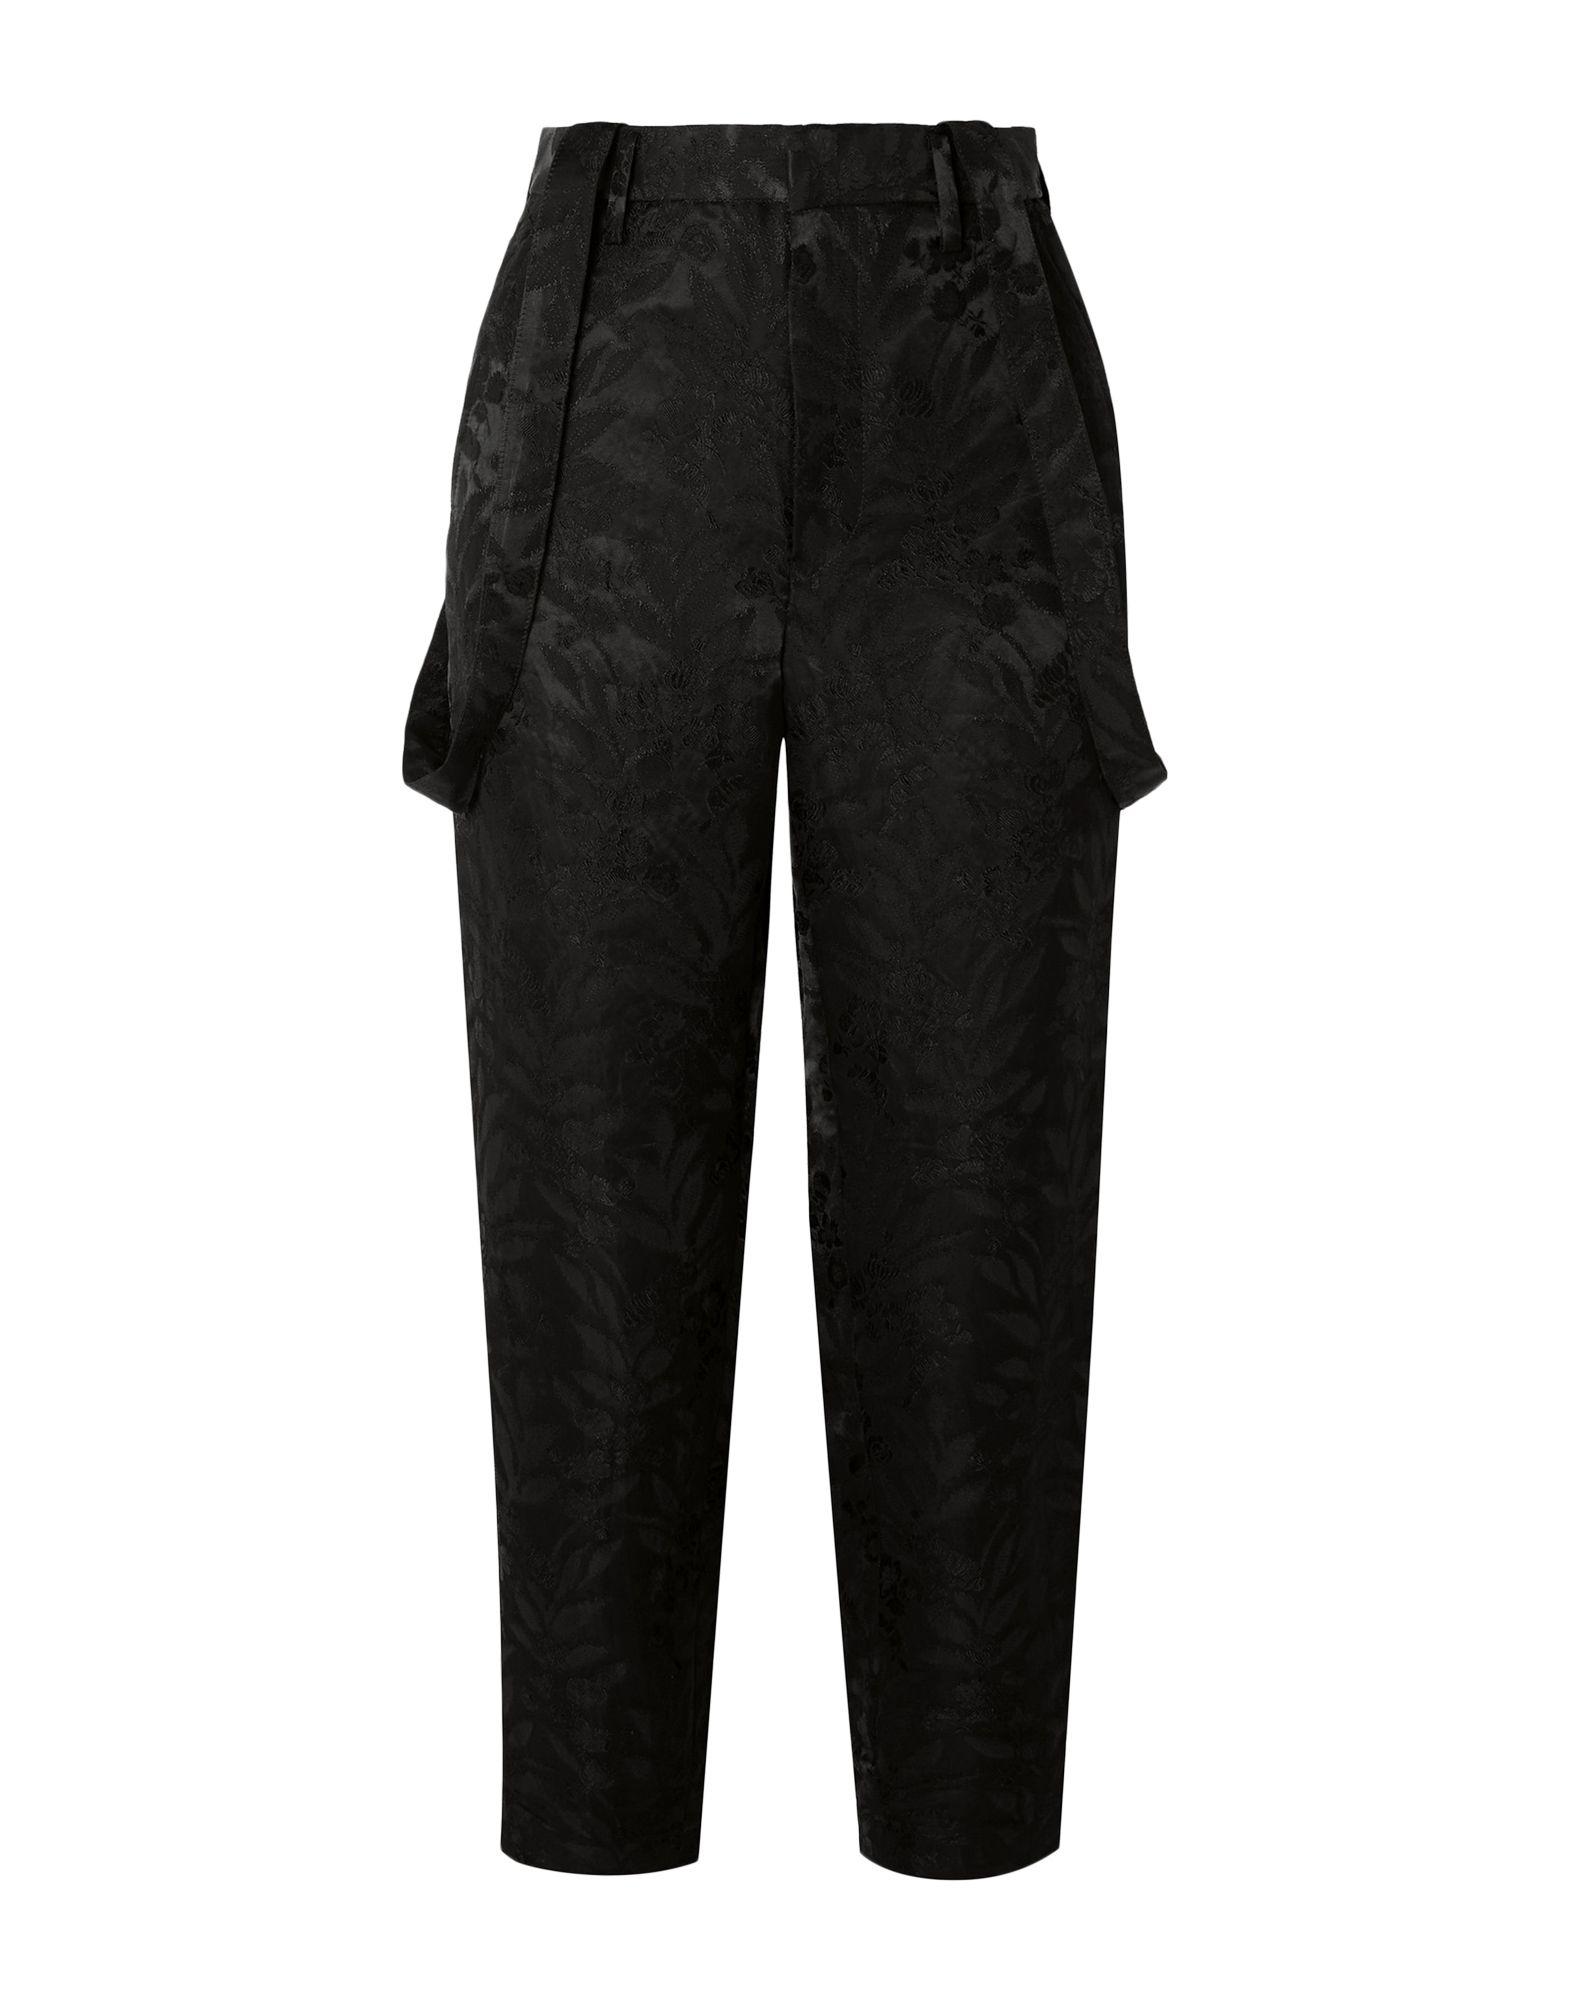 Фото - NOIR KEI NINOMIYA Повседневные брюки noir kei ninomiya юбочный комбинезон